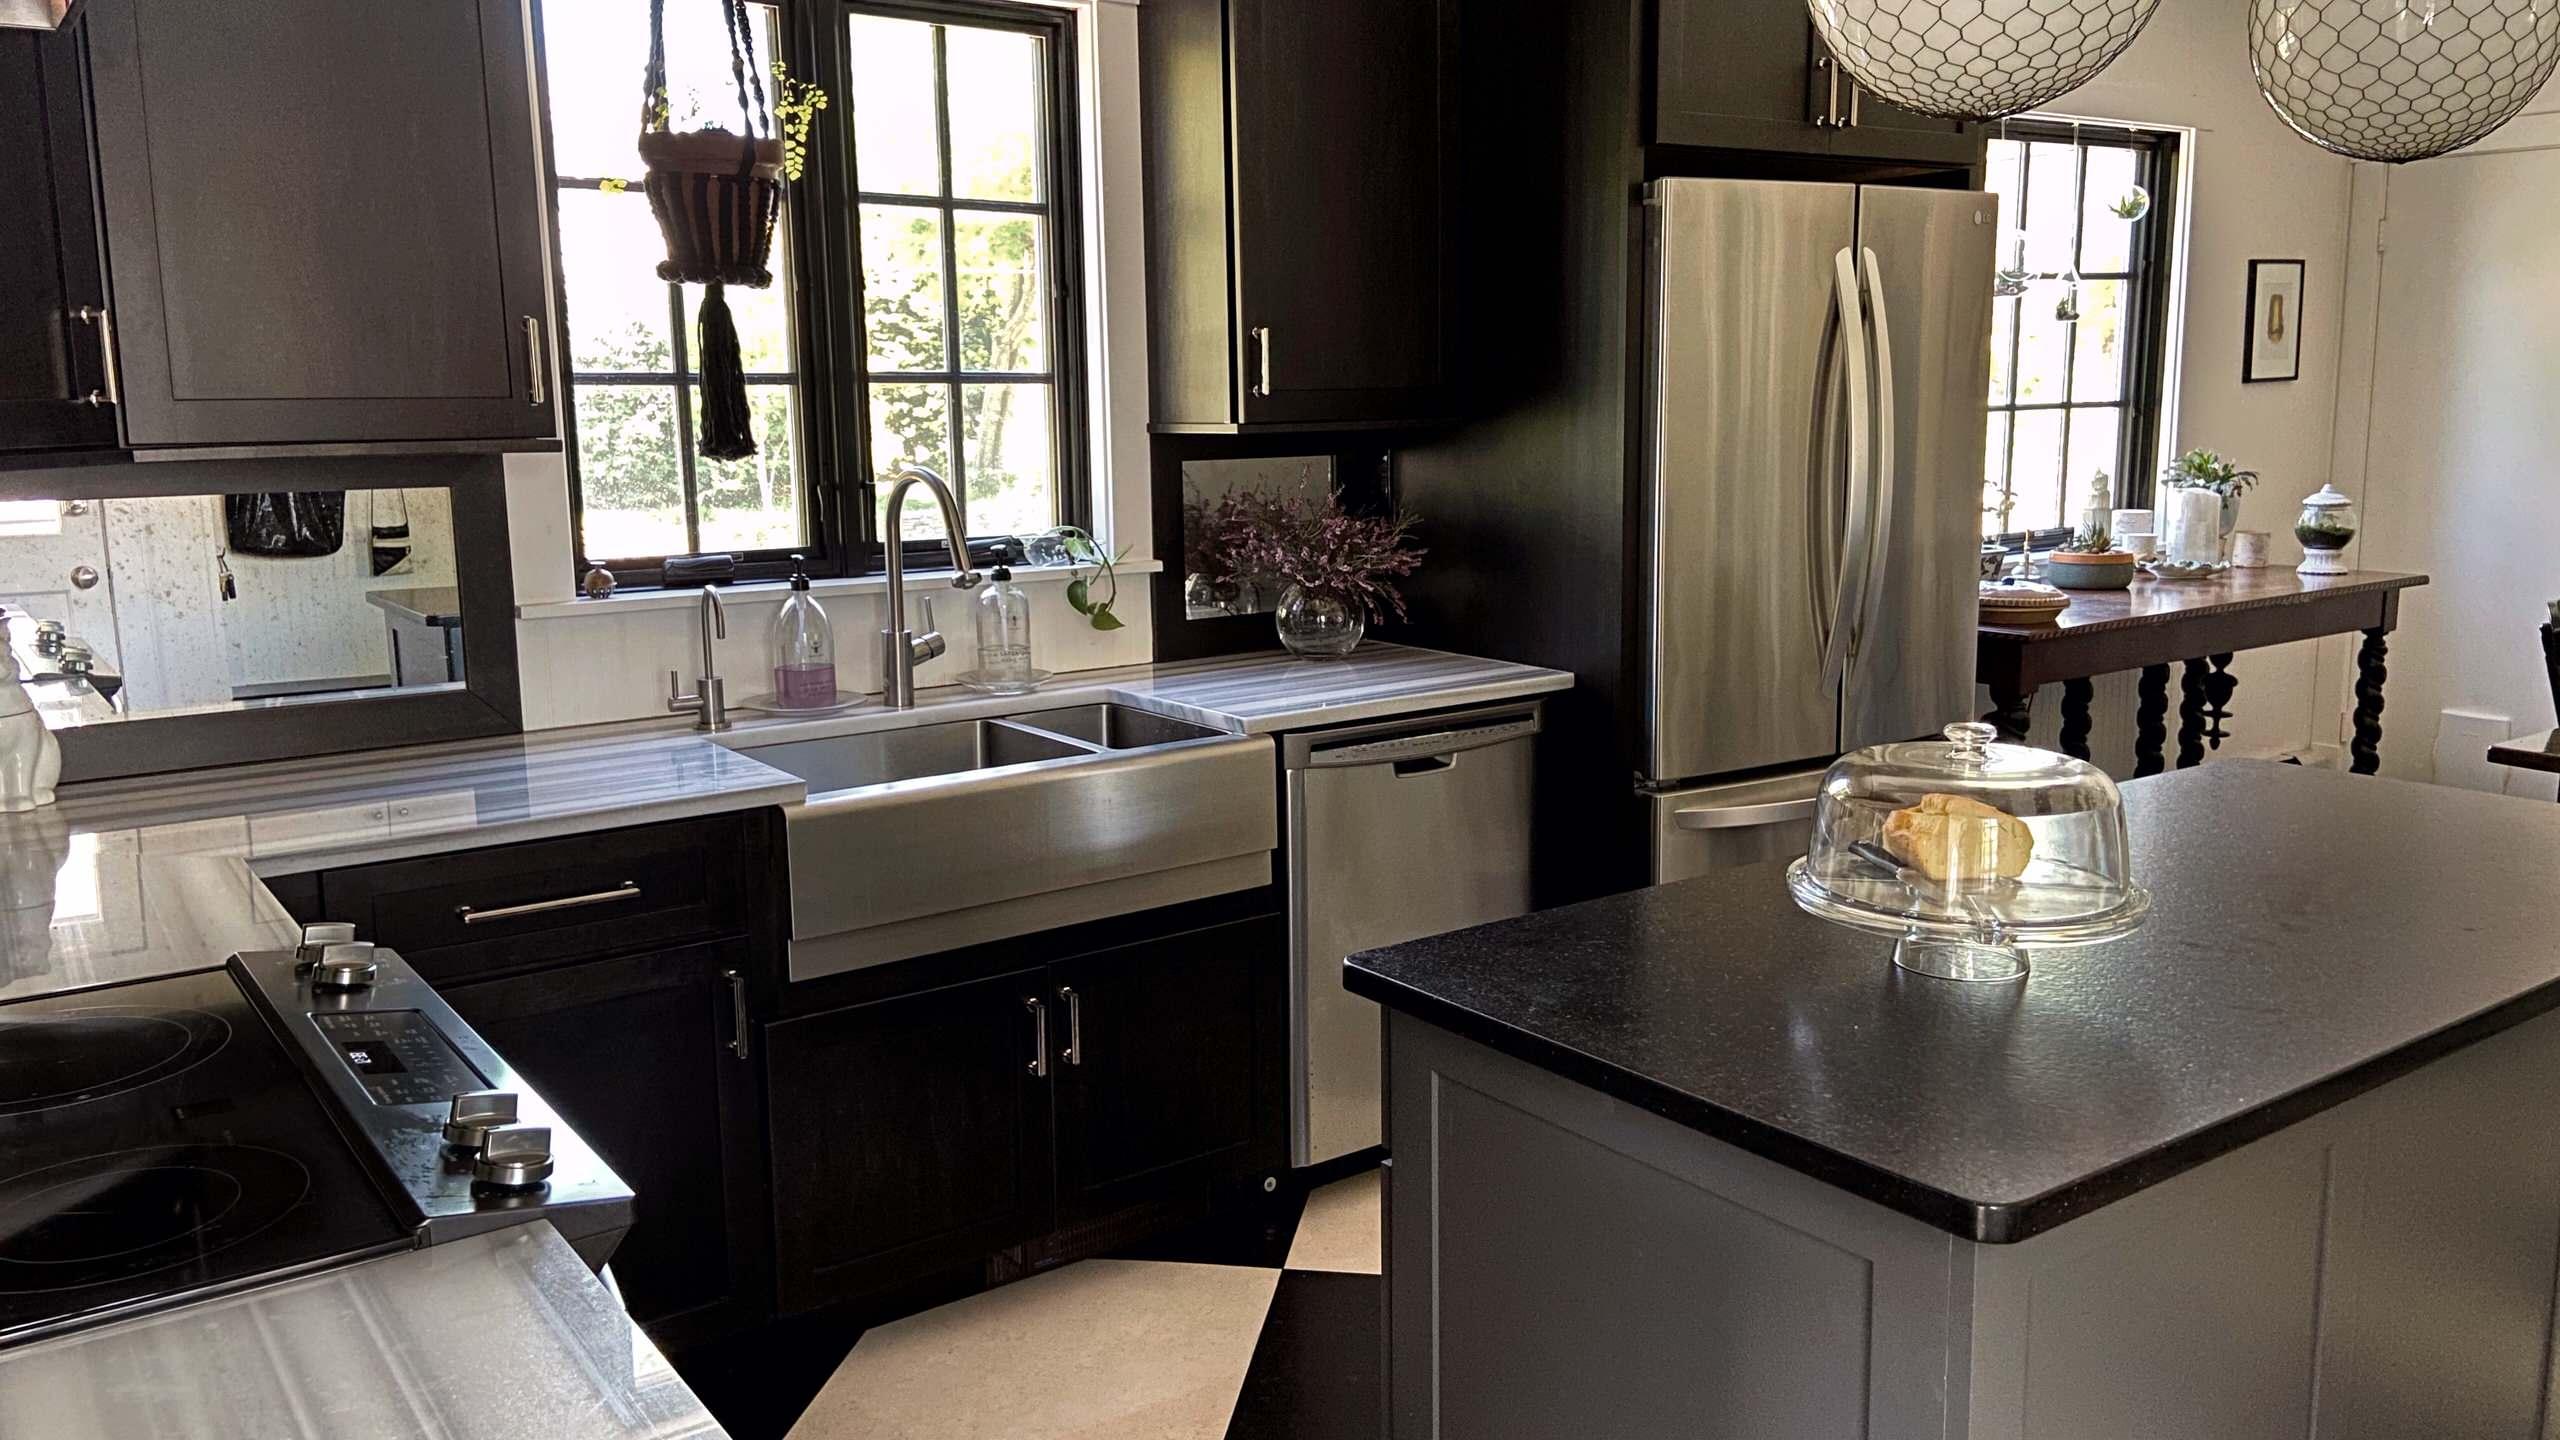 Classic Kitchen - Watch Hill, RI